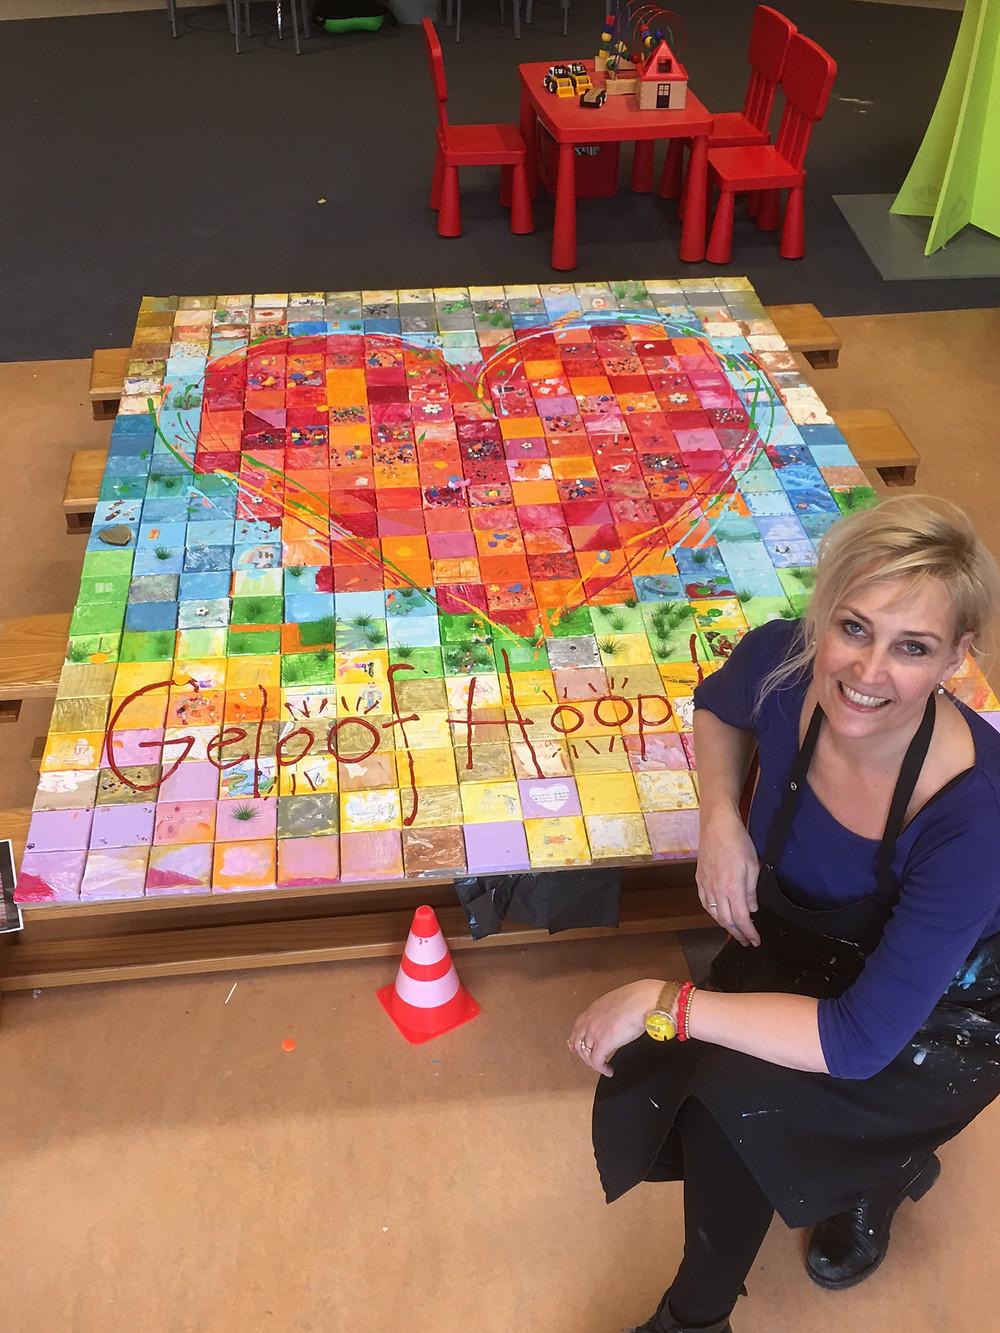 Gelukt! Zo blij mee, EBS online Gezamenlijk kunstwerk Eindhoven